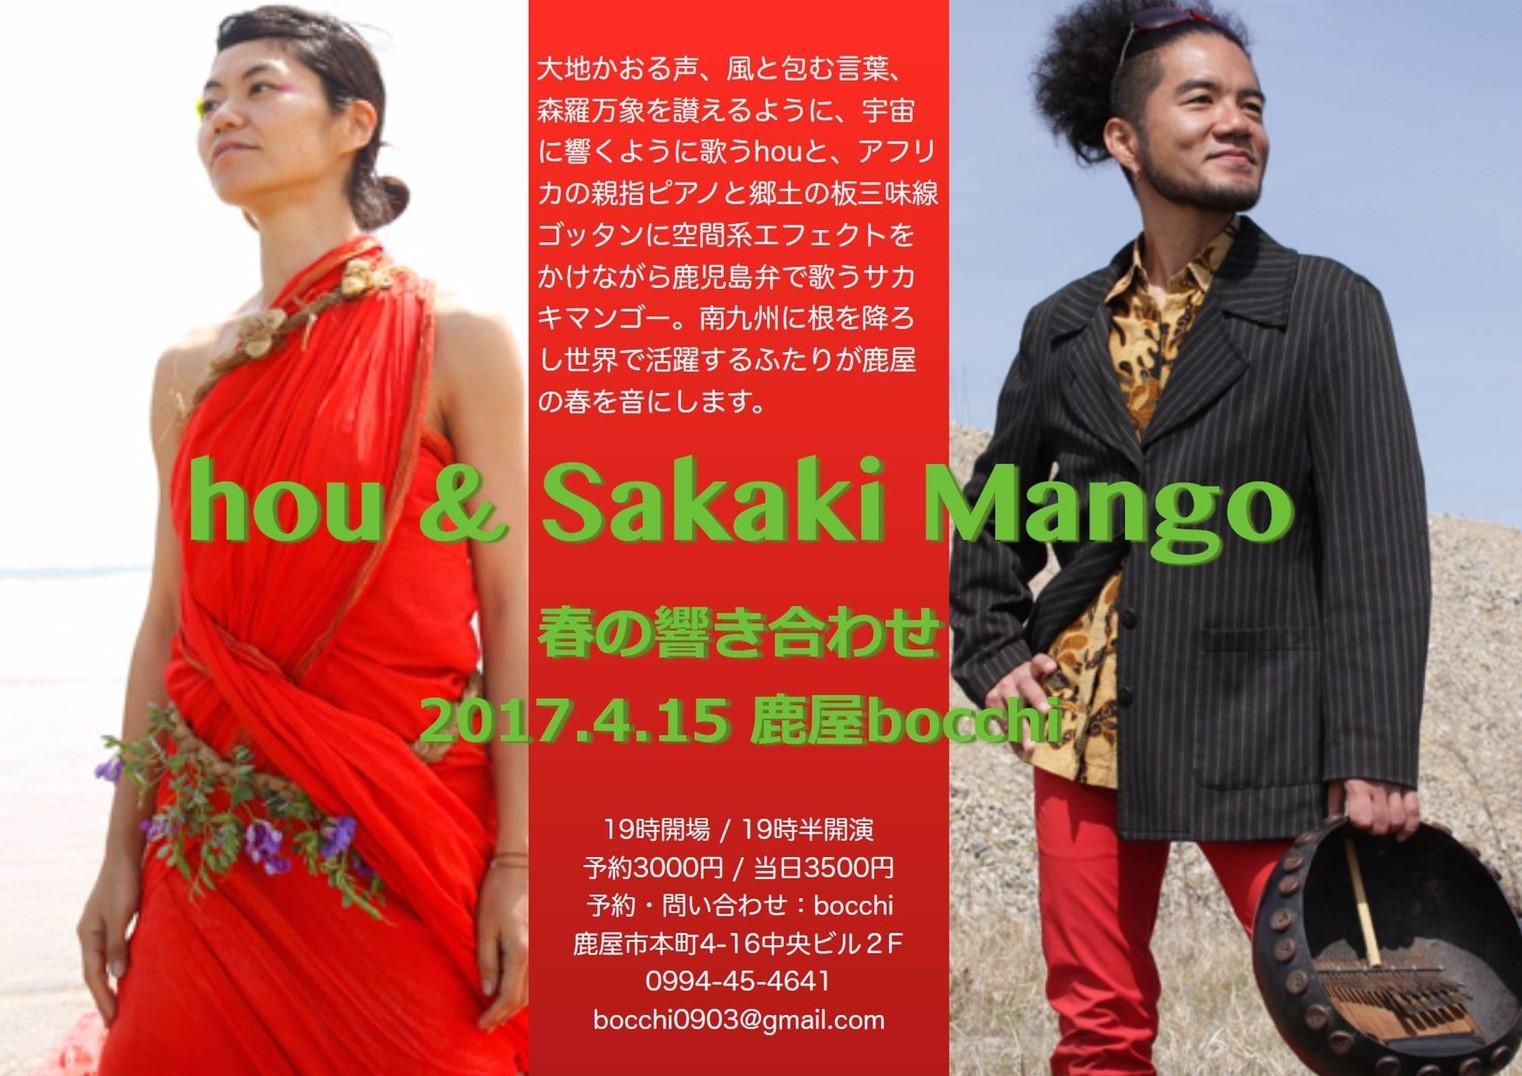 2017415サカキマンゴー&hou_170928_0007